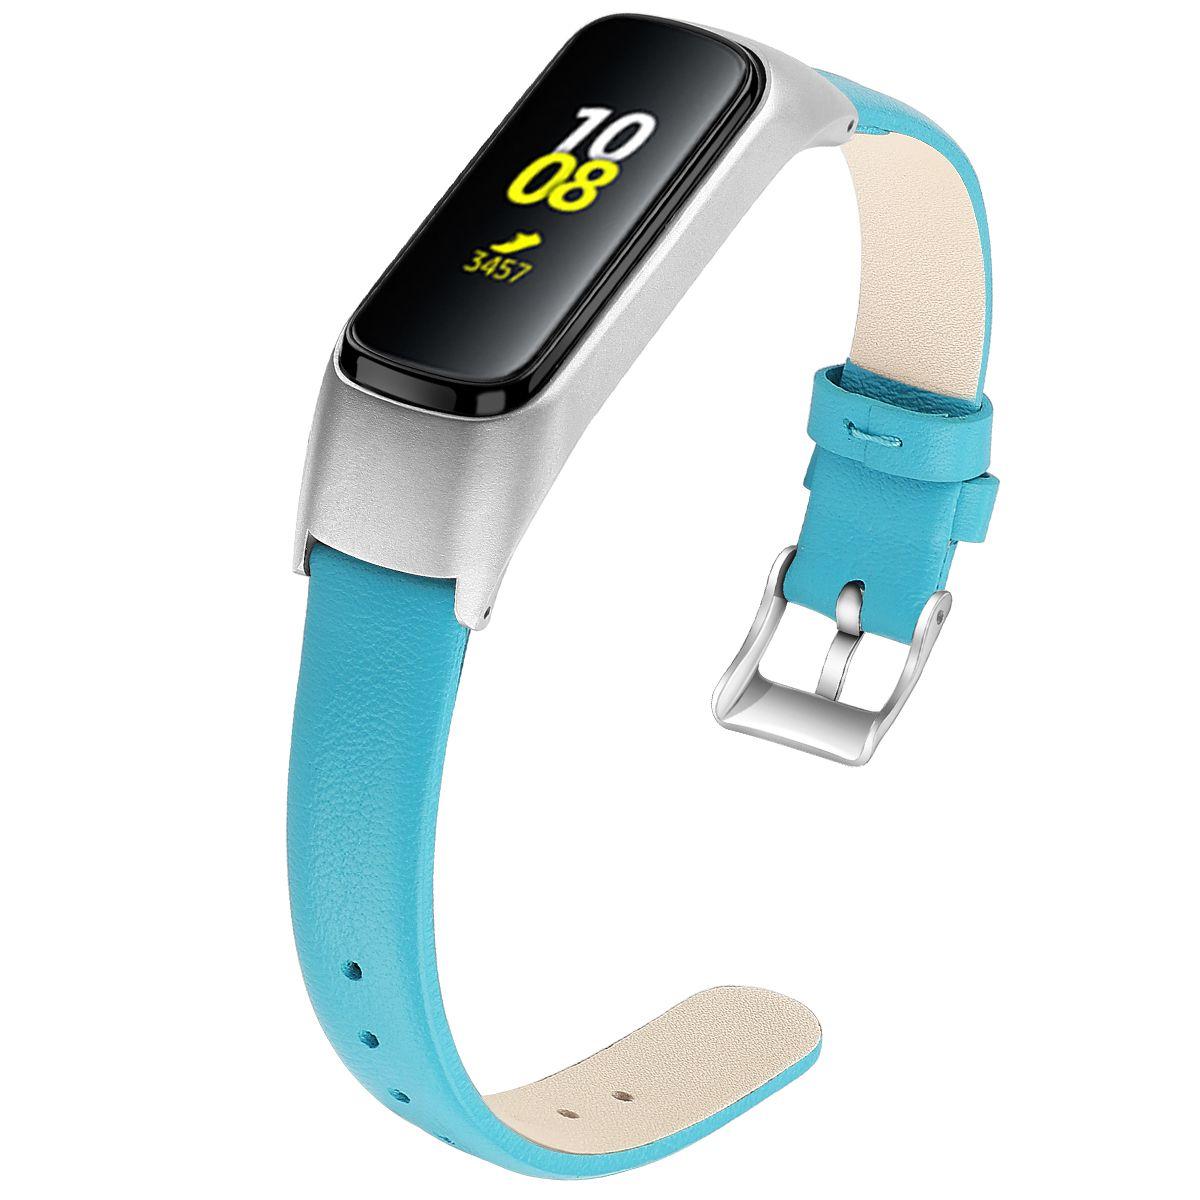 Samsung Galaxy Fit-e R375 Watchband Saat Kayışı Yedek Bileklikler Bilezik 93006 için Deri Kayış